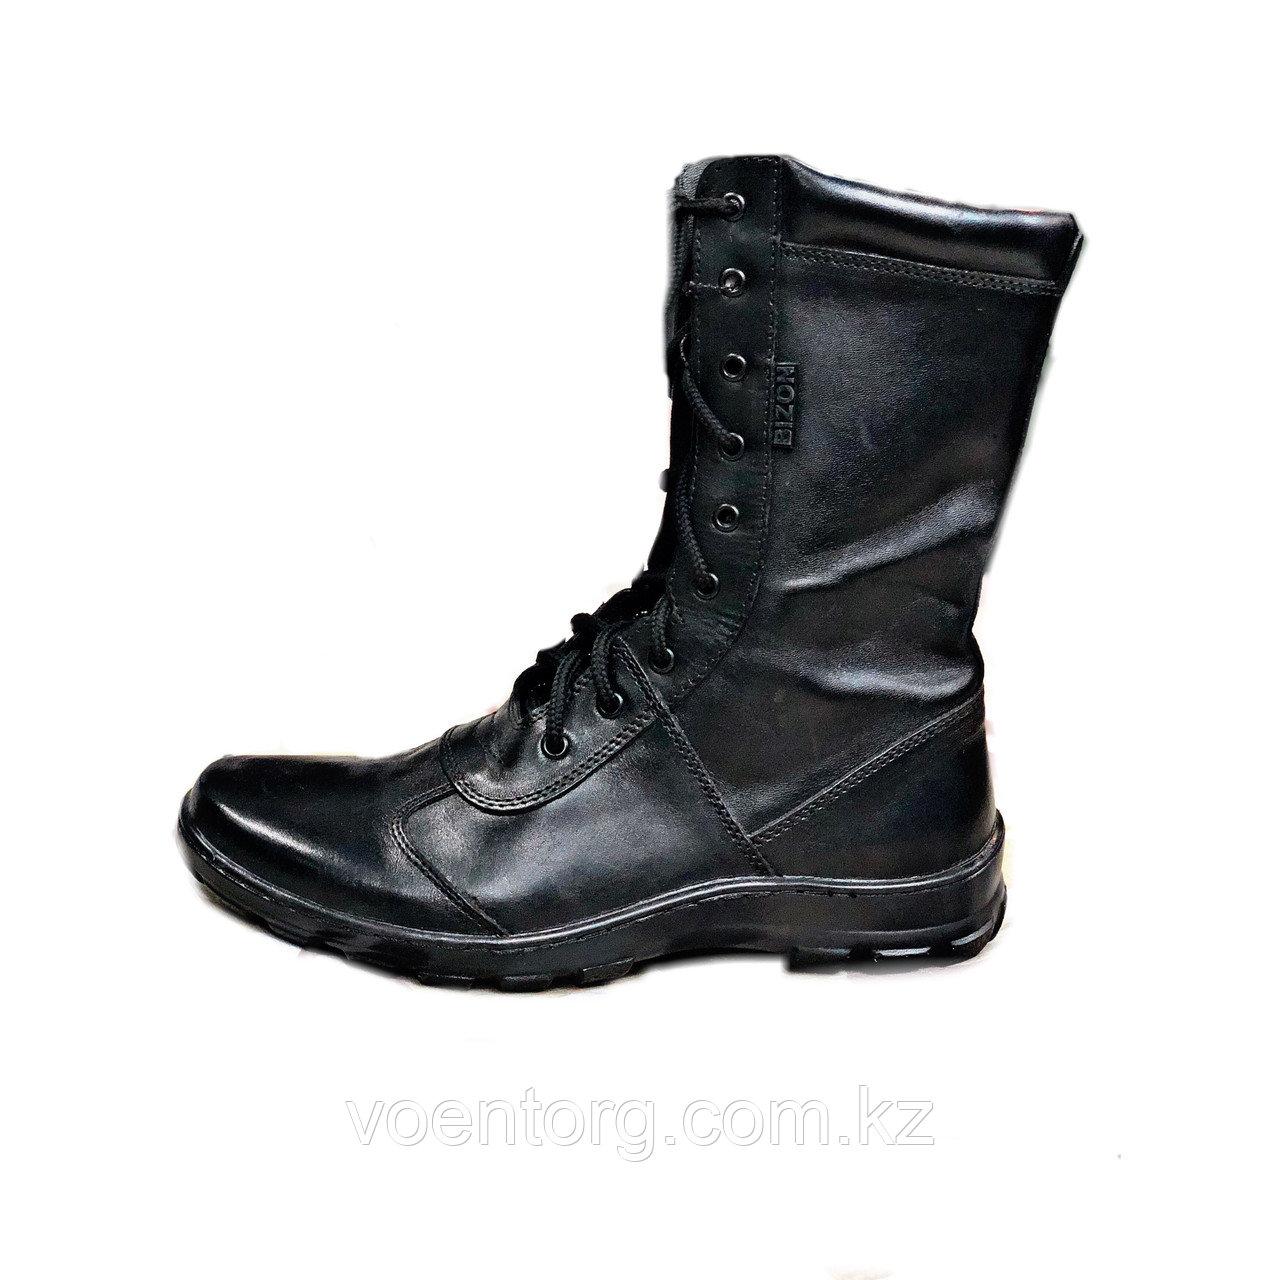 Ботинки Bizon